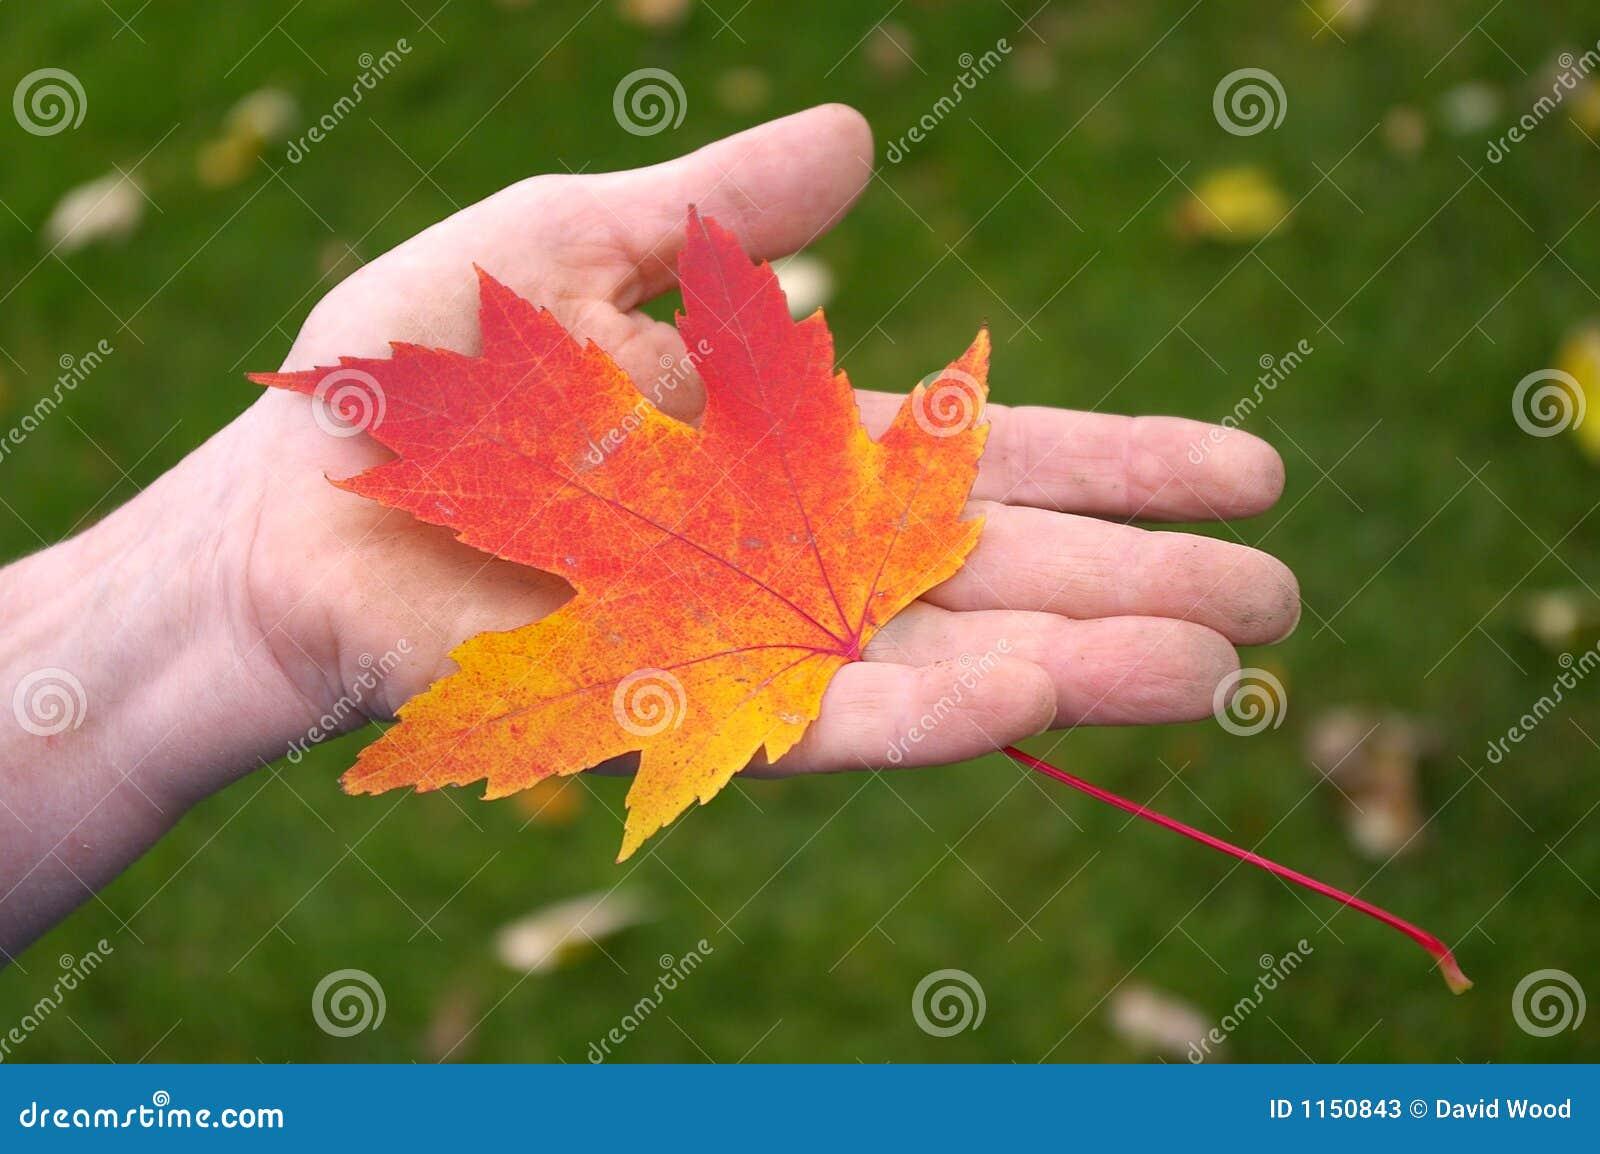 Hand Holding Orange Maple Leaf Stock Image Image Of Leaf